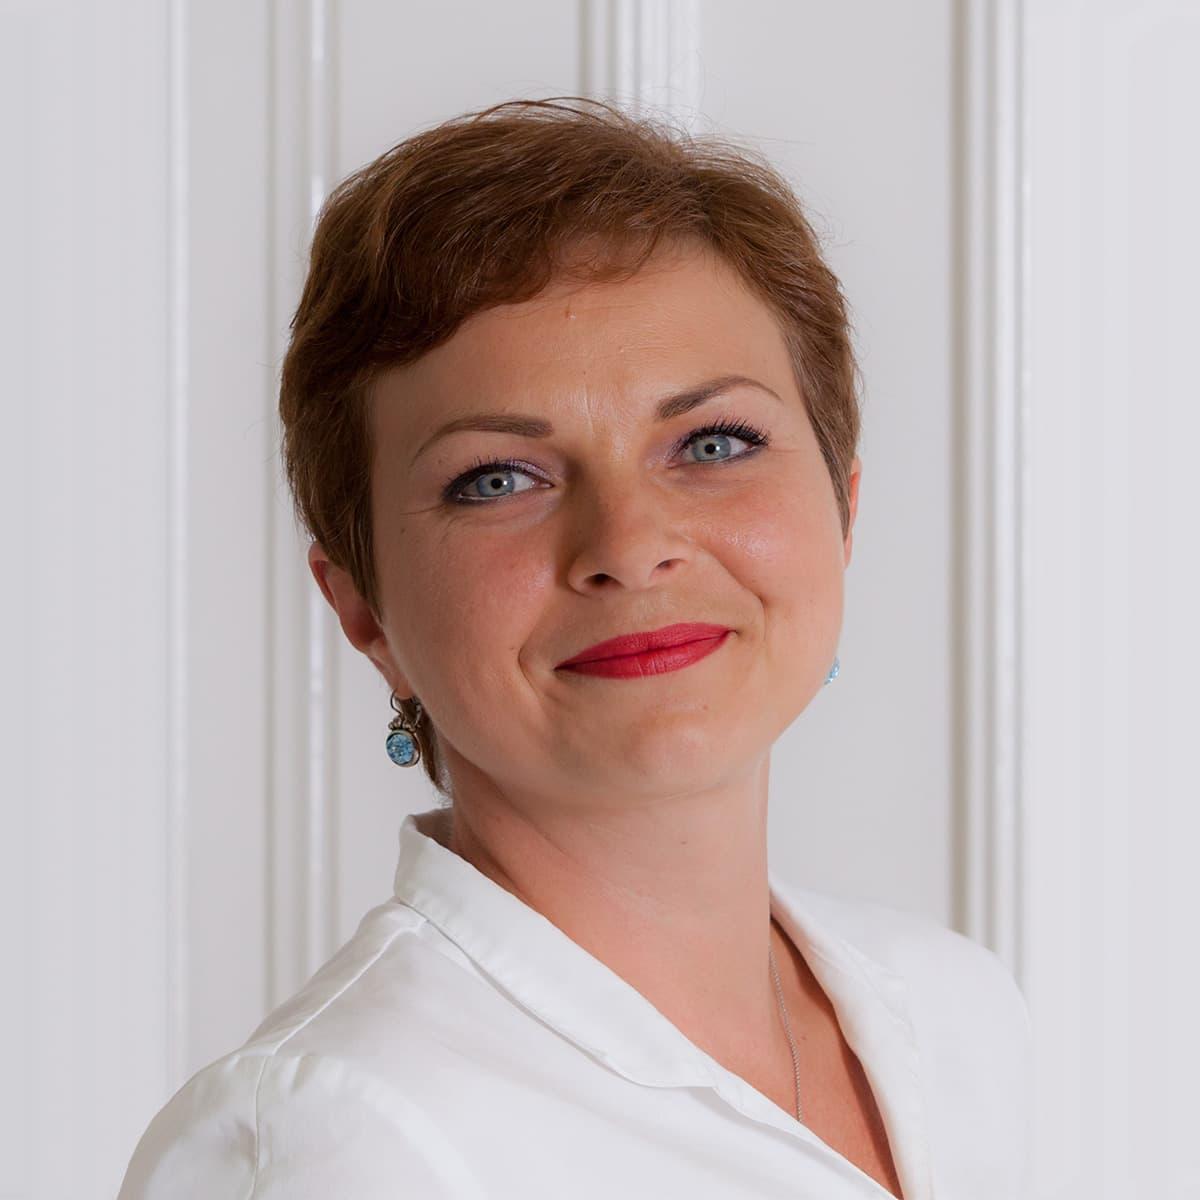 Zahnarztpraxis Berlin Gundel Ollmann - Susan Träger